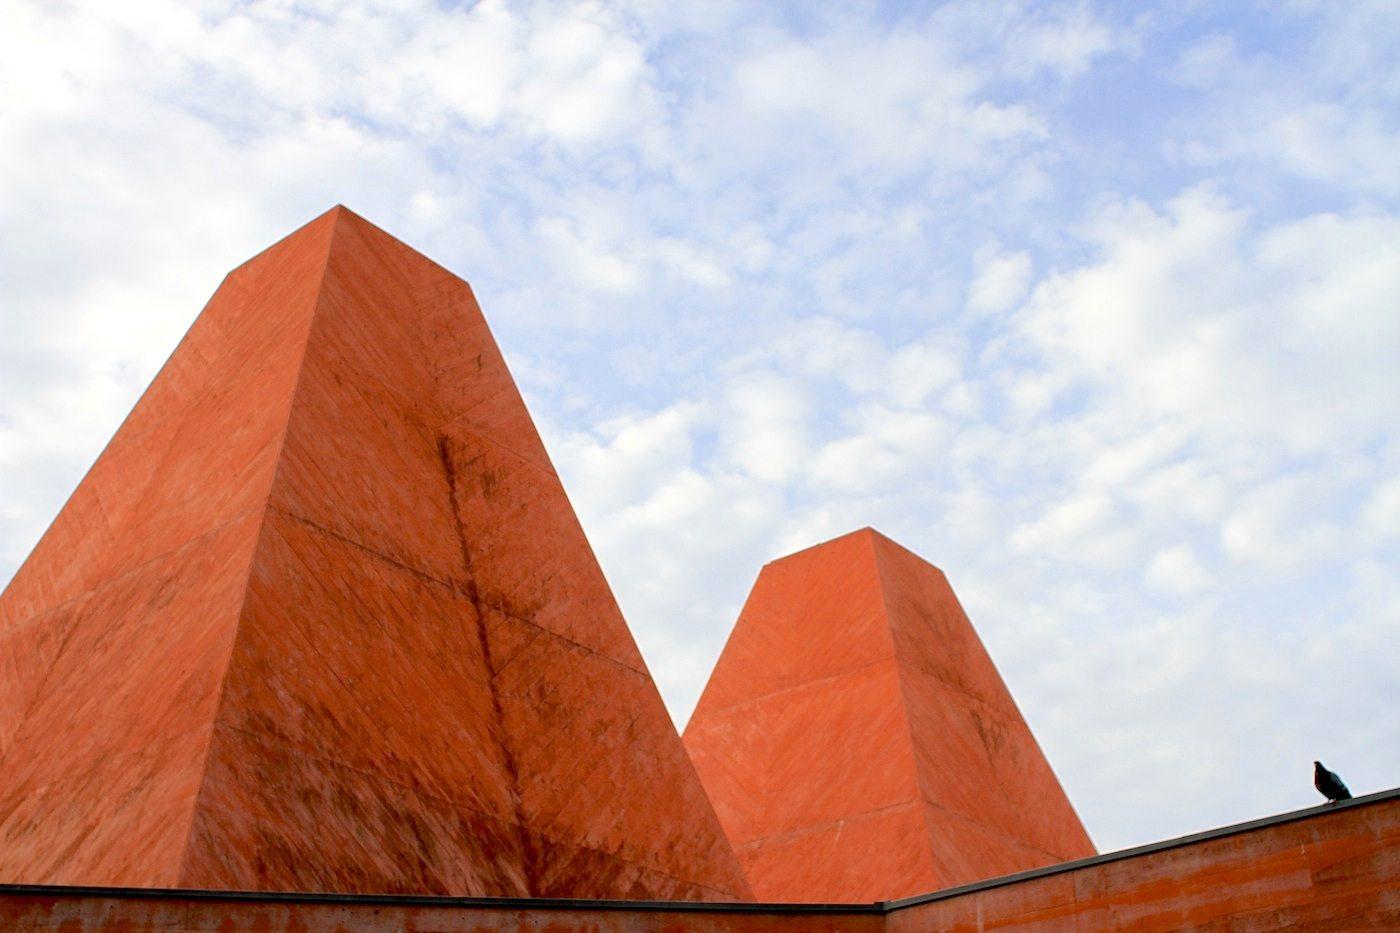 Haus der Geschichten Paula Rego. Abstrakt und archaisch reduziert, aber immer mit dem Blick auf die Geschichte der Region. Das weiß auch die Taube zu schätzen.